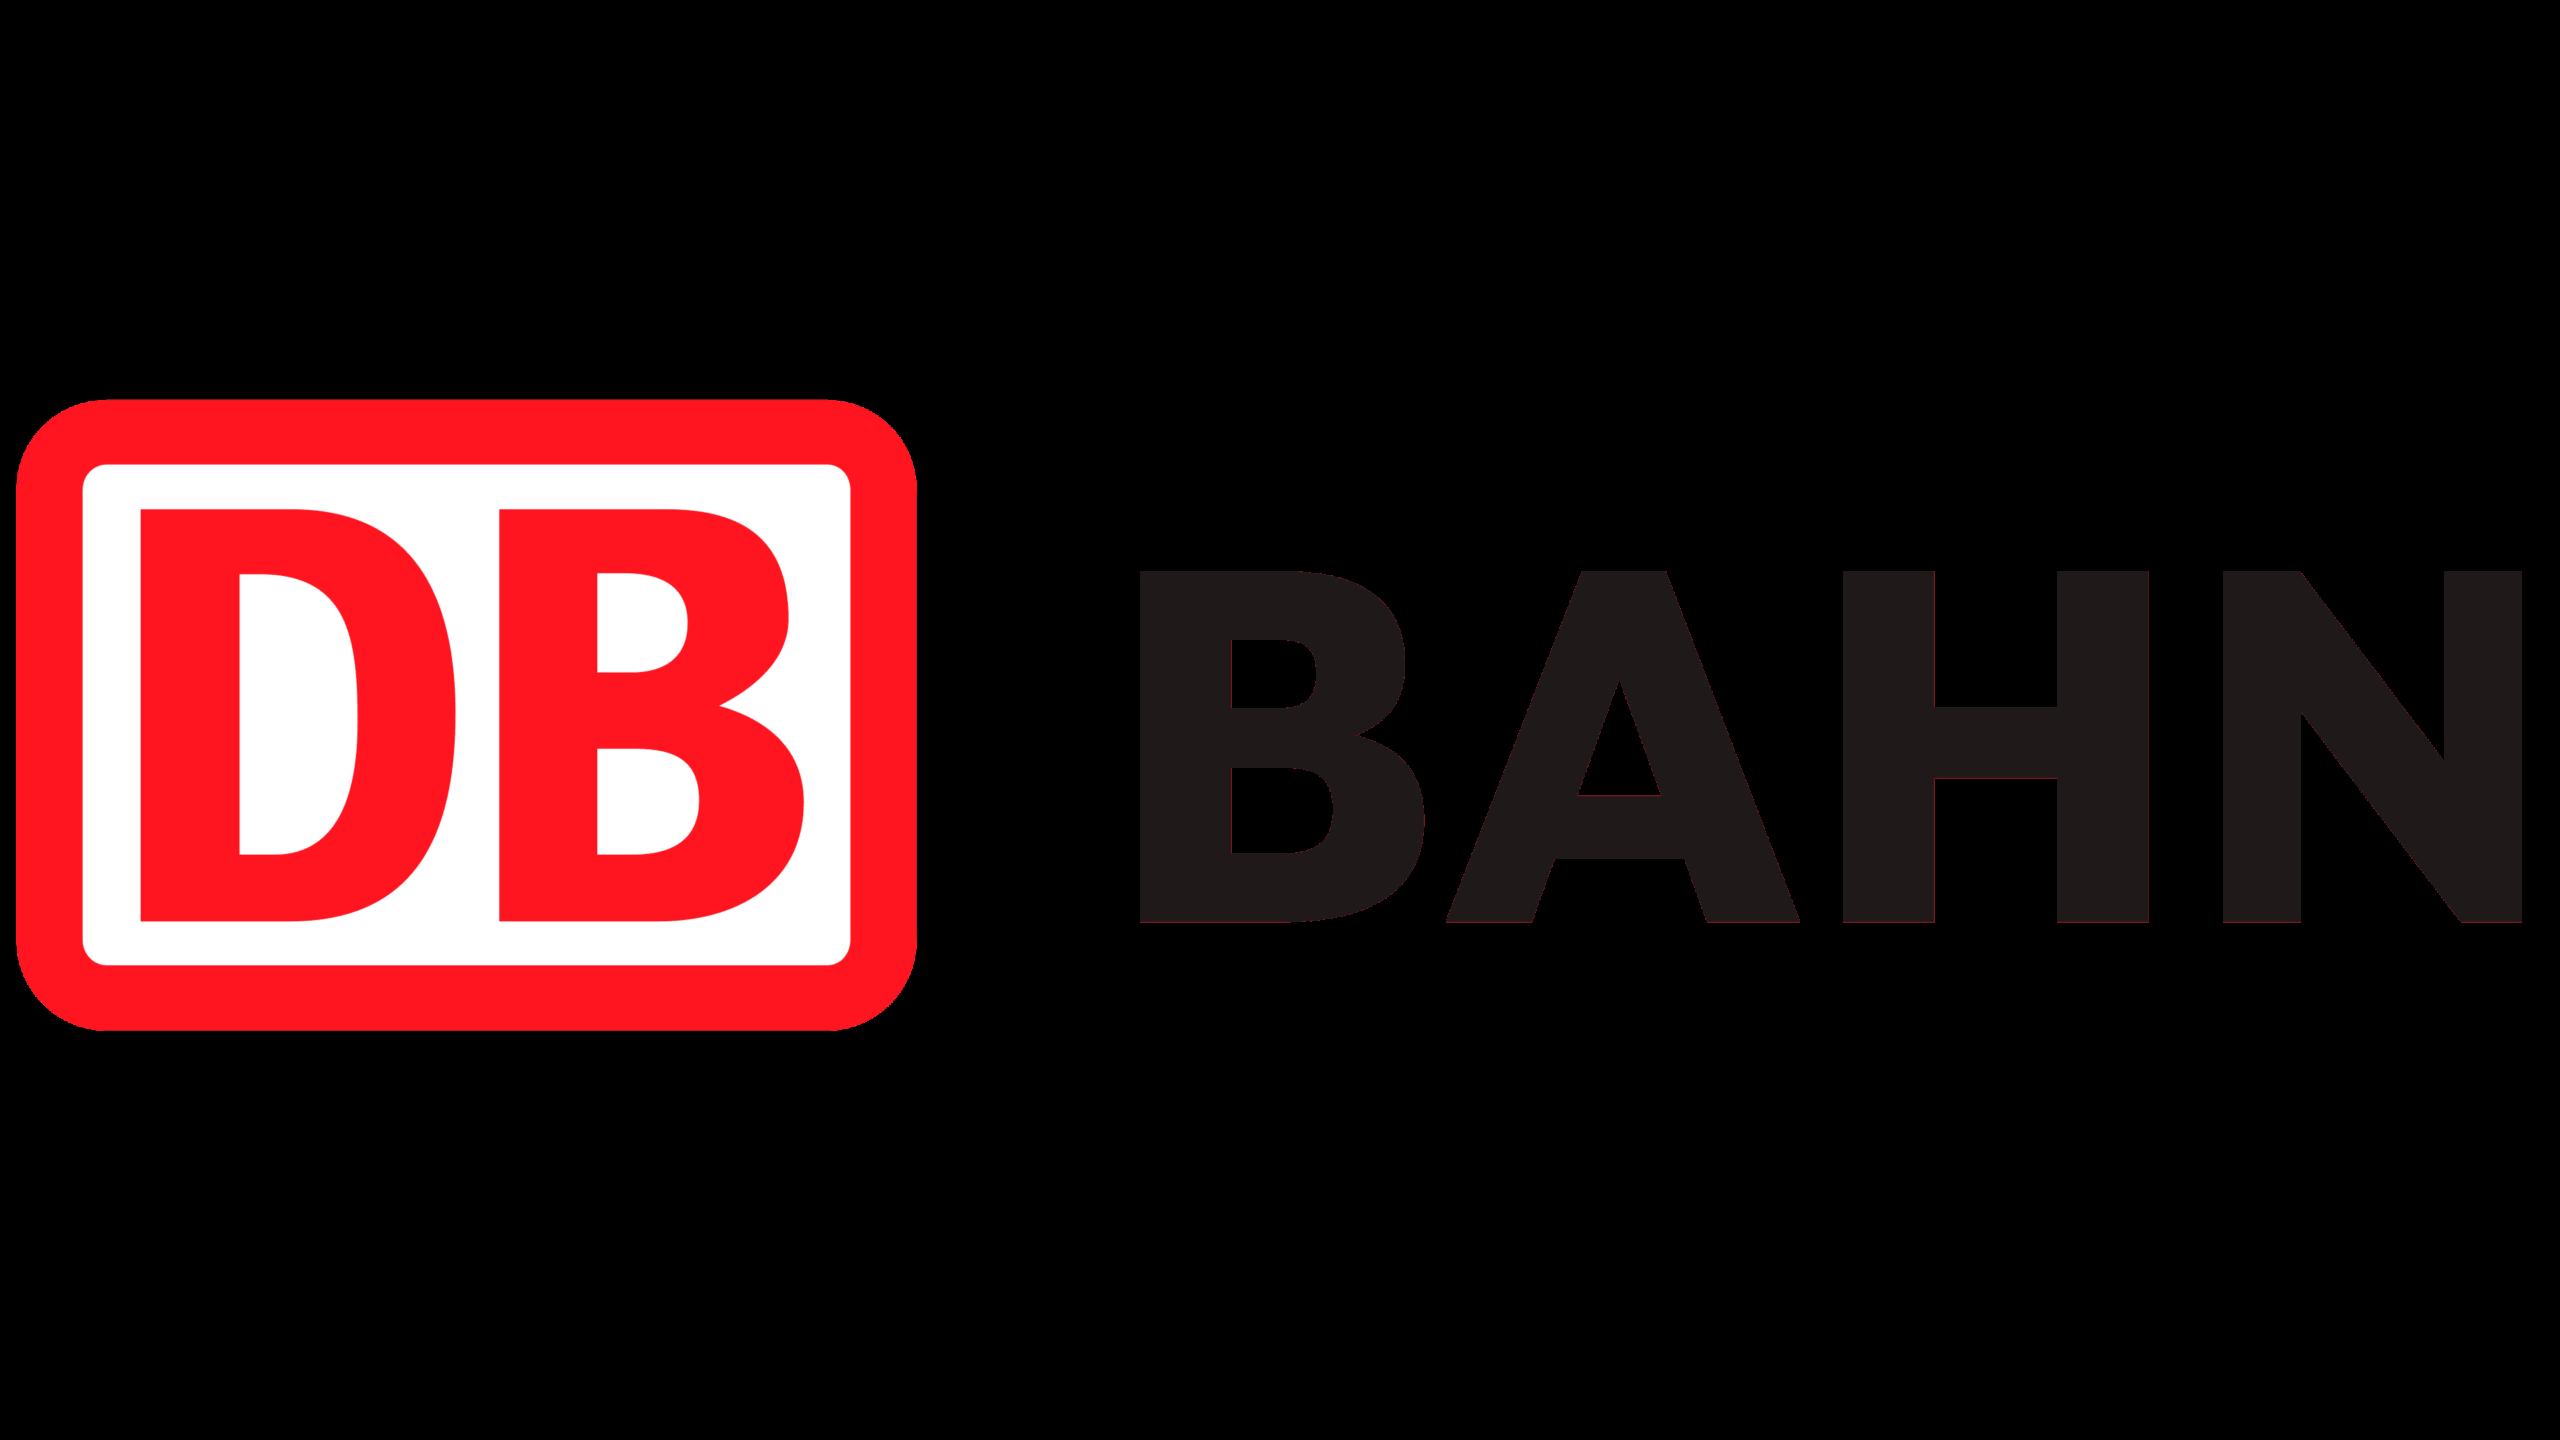 Deutsche Bahn Logo als Referenz